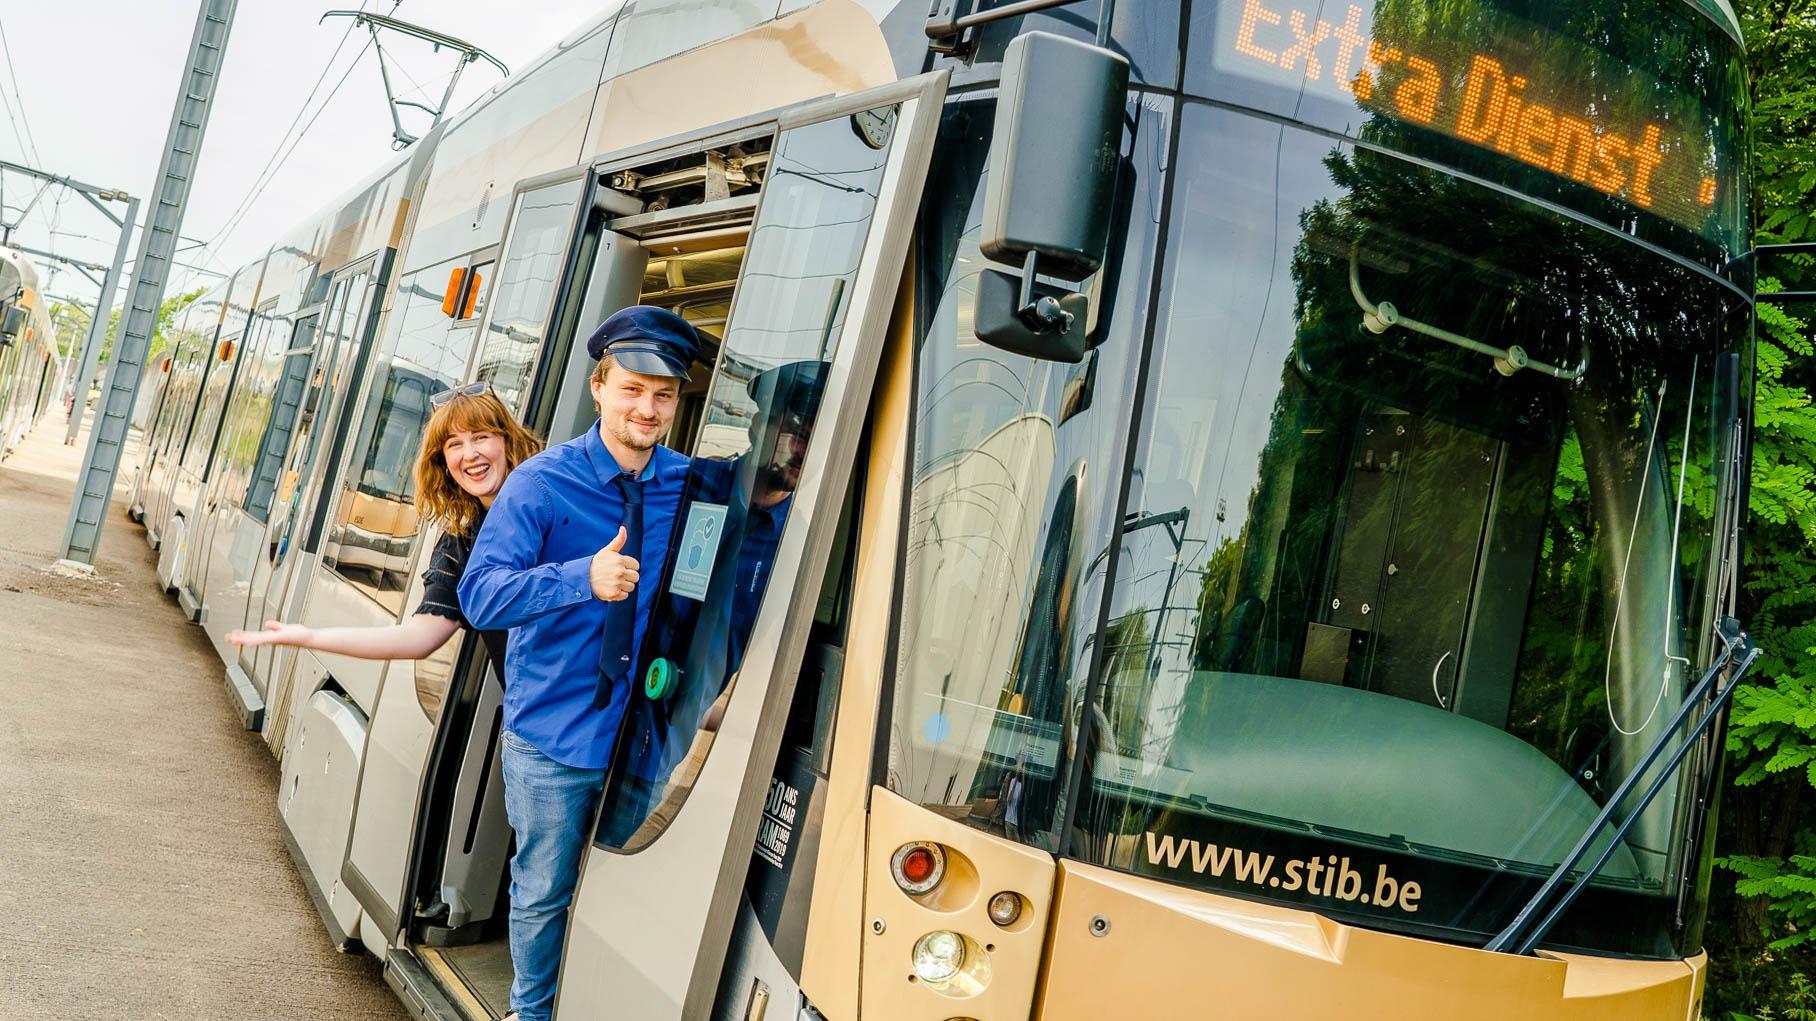 Maarten tram fb